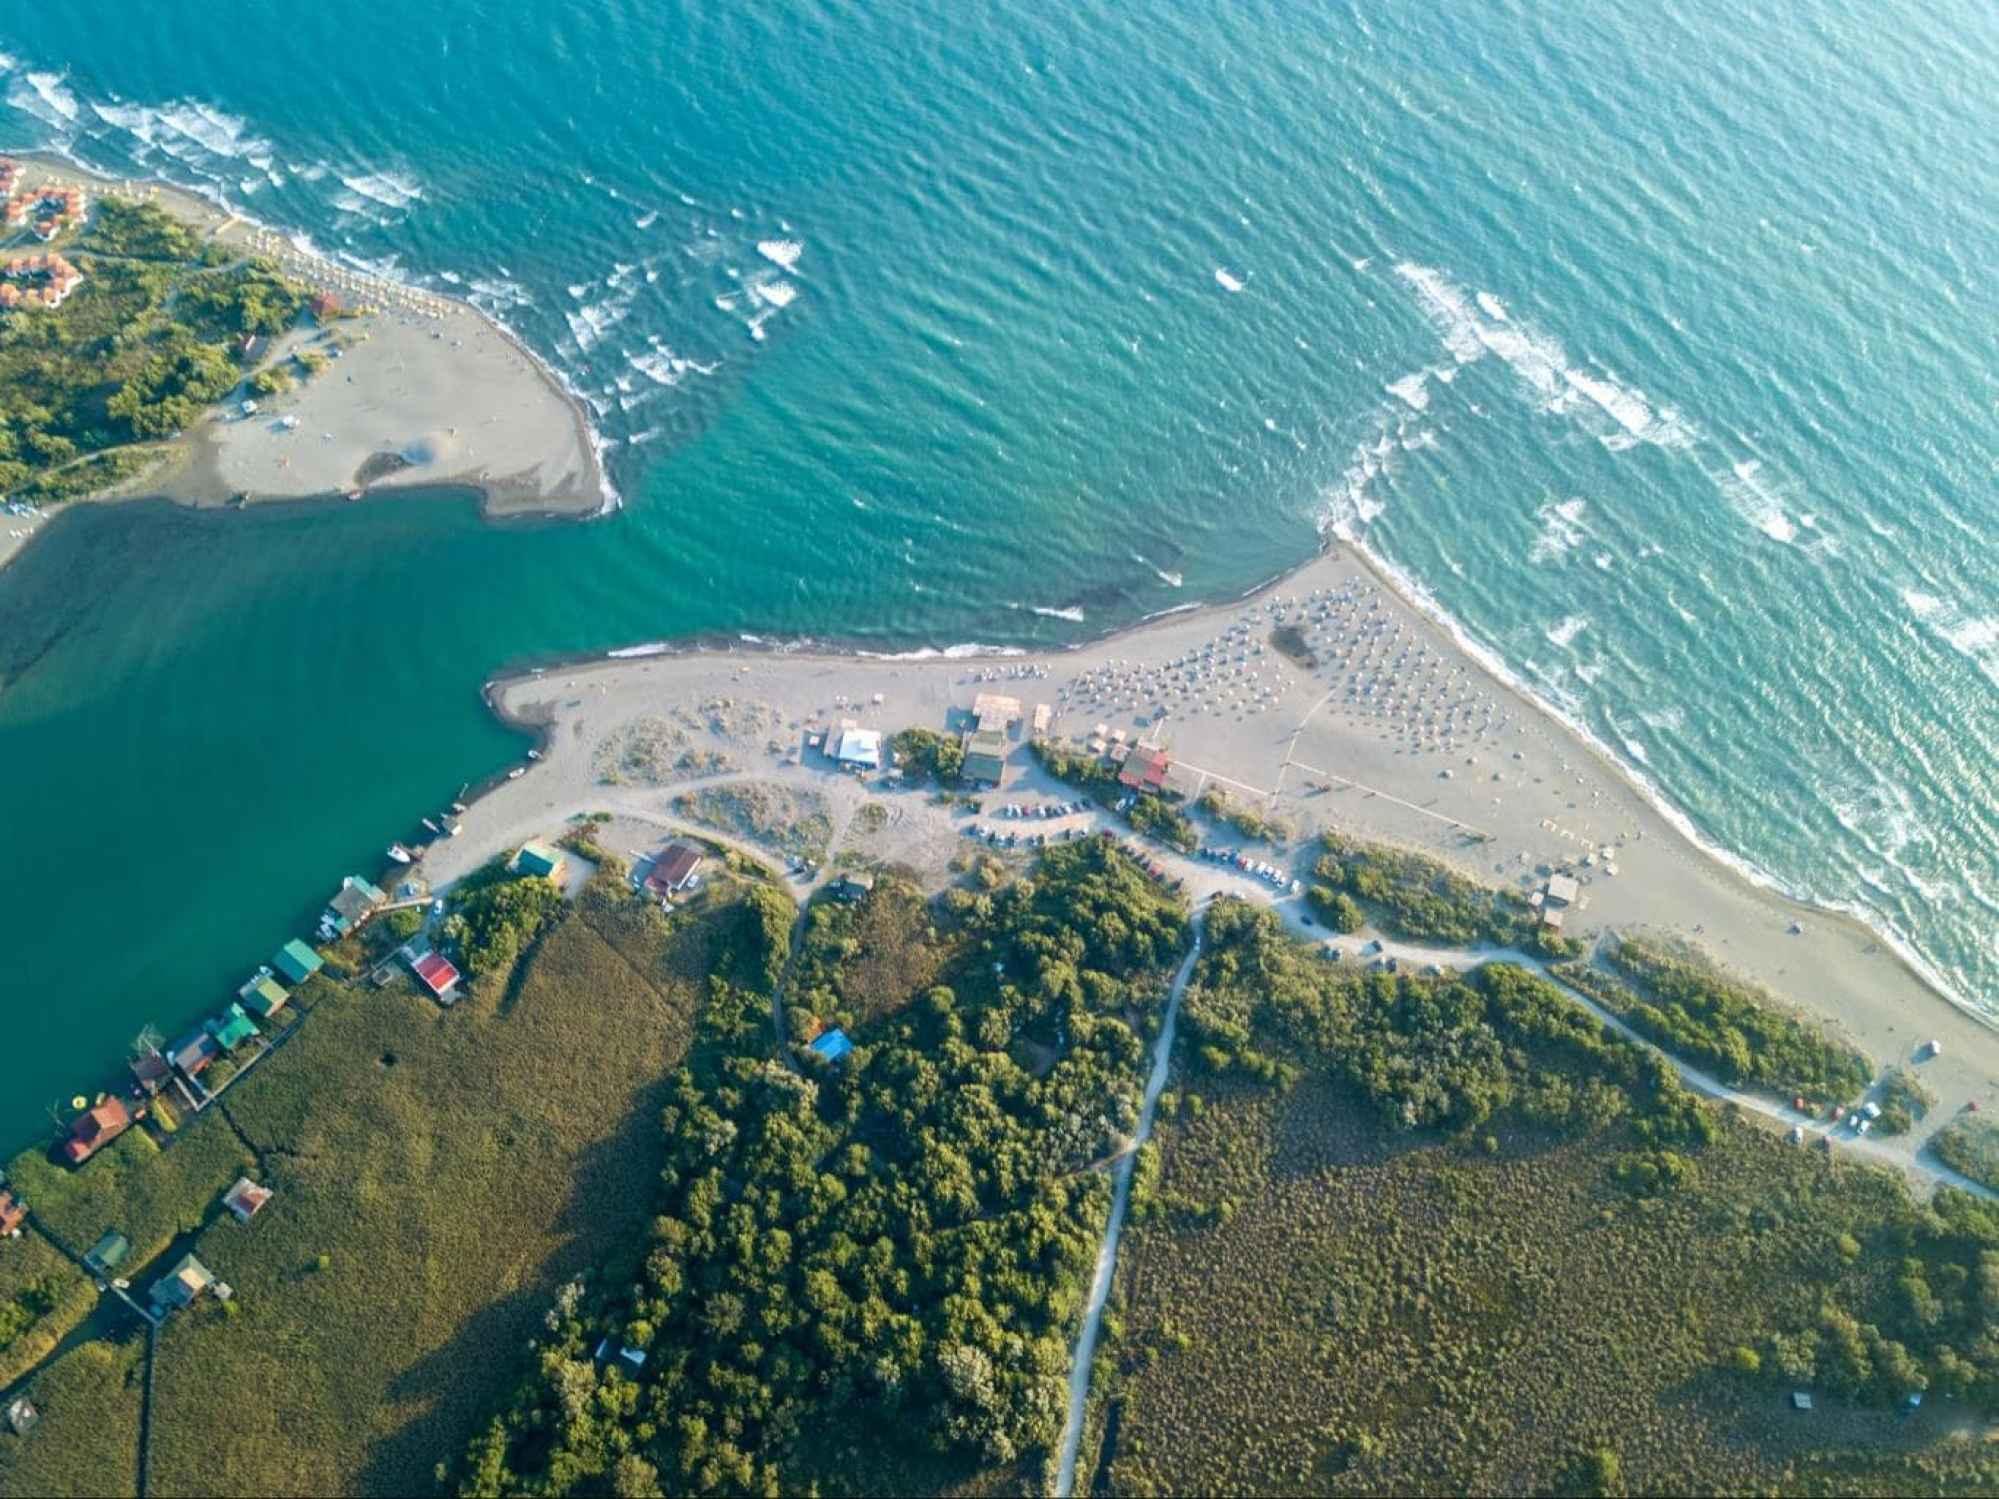 Ada Bojana island to the left